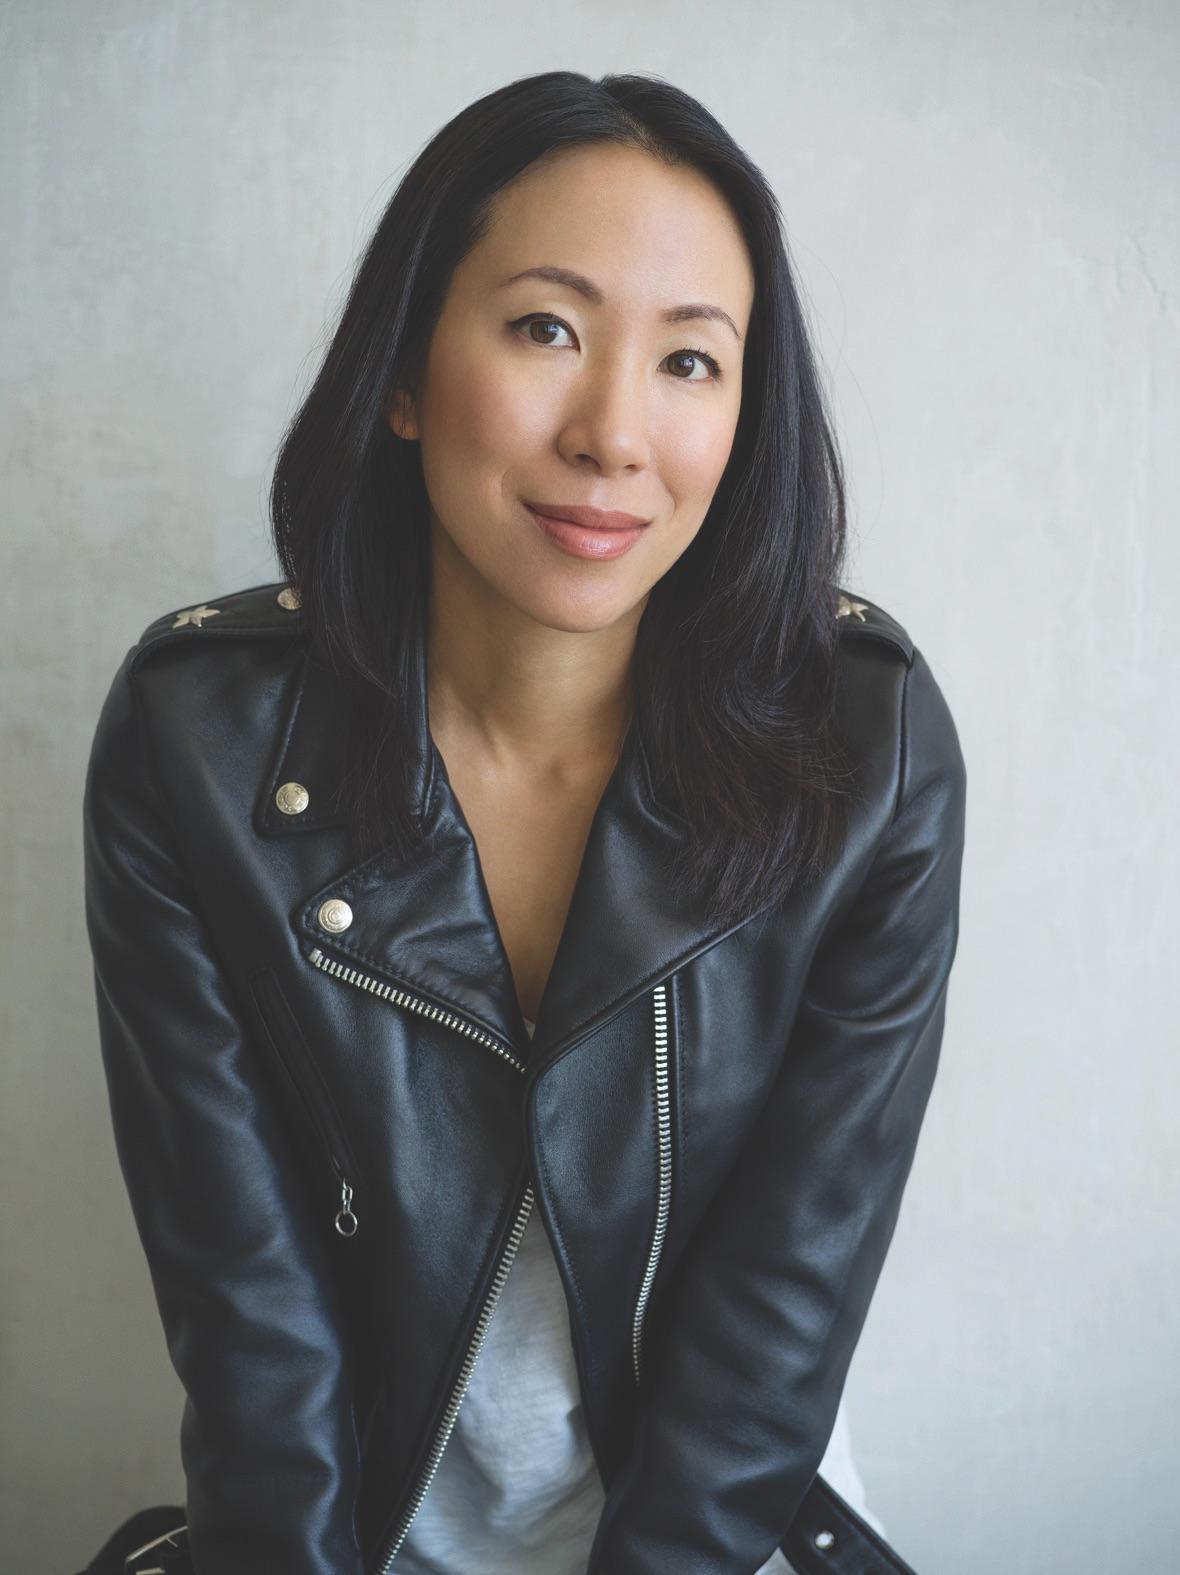 Kathy Wang - Bridget Jones!